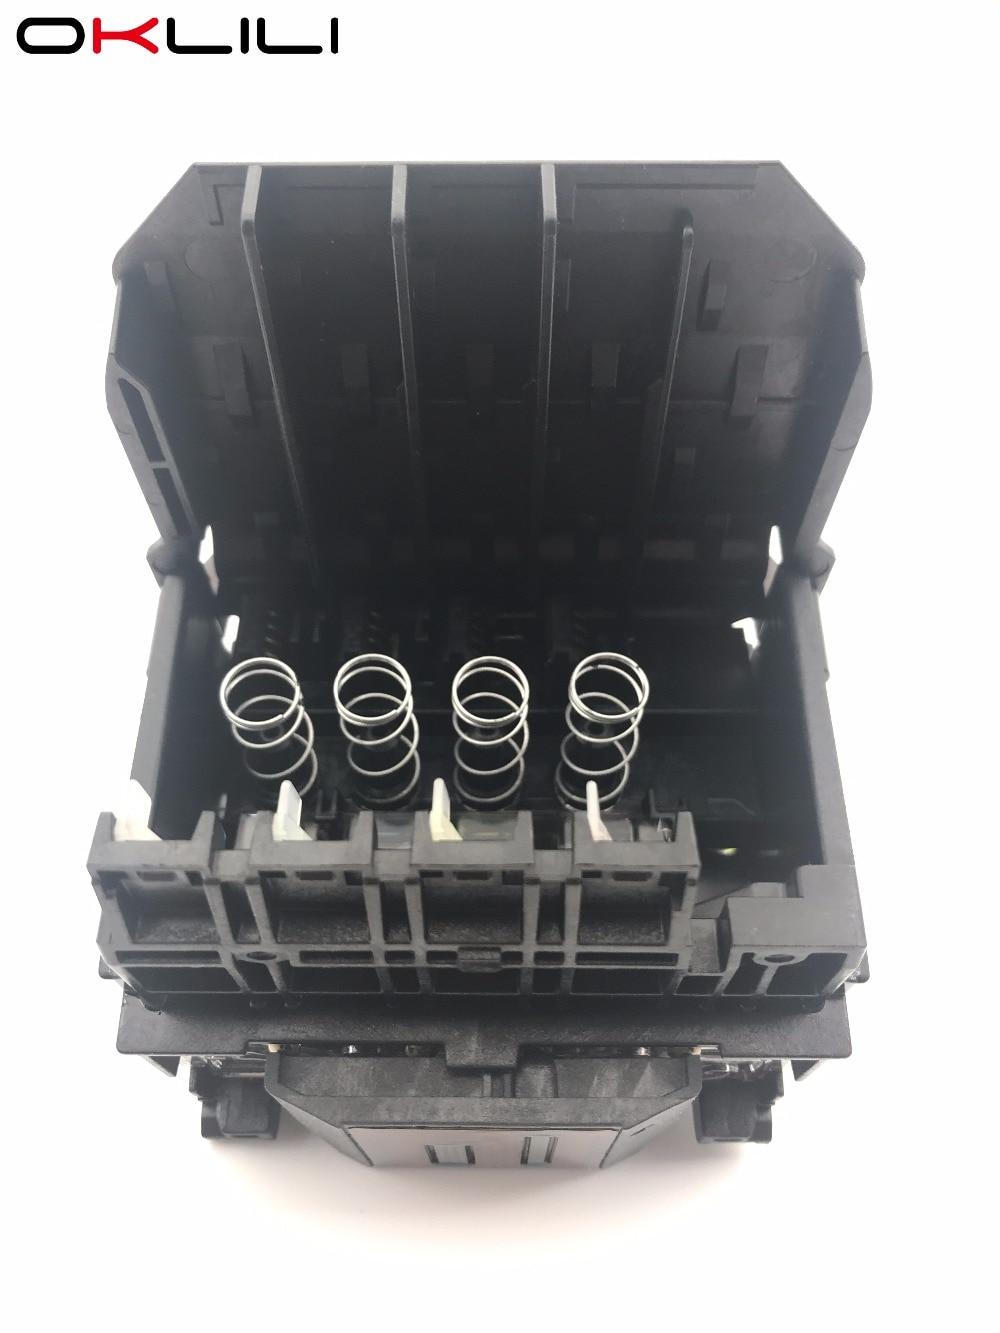 CB863-80013A CB863-80002A 932 933 932XL 933XL Printhead Printer Print head for HP 6060e 6100 6100e 6600 6700 7110 7600 7610 7612<br>